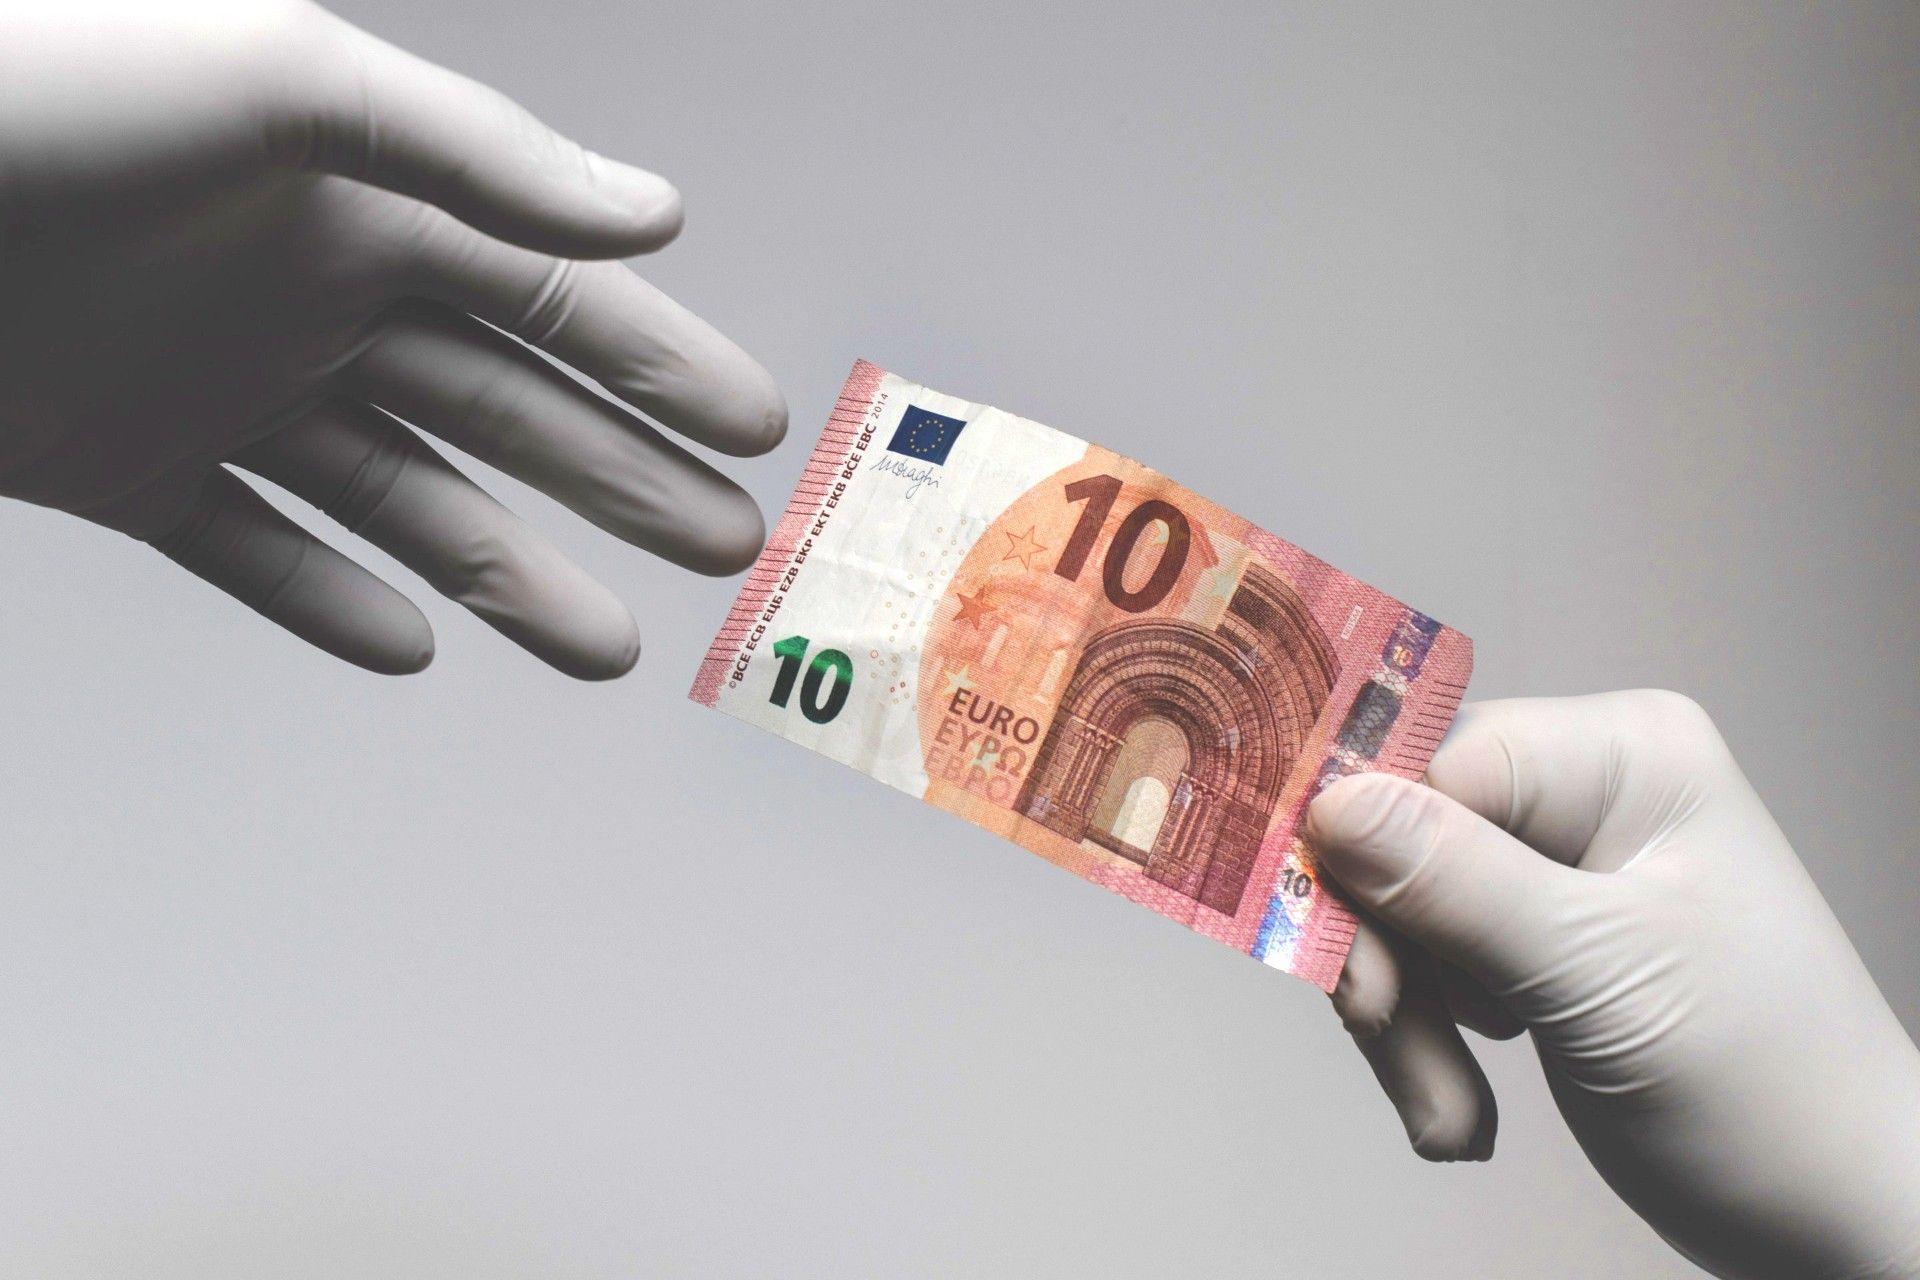 Dos manos se entregan un billete